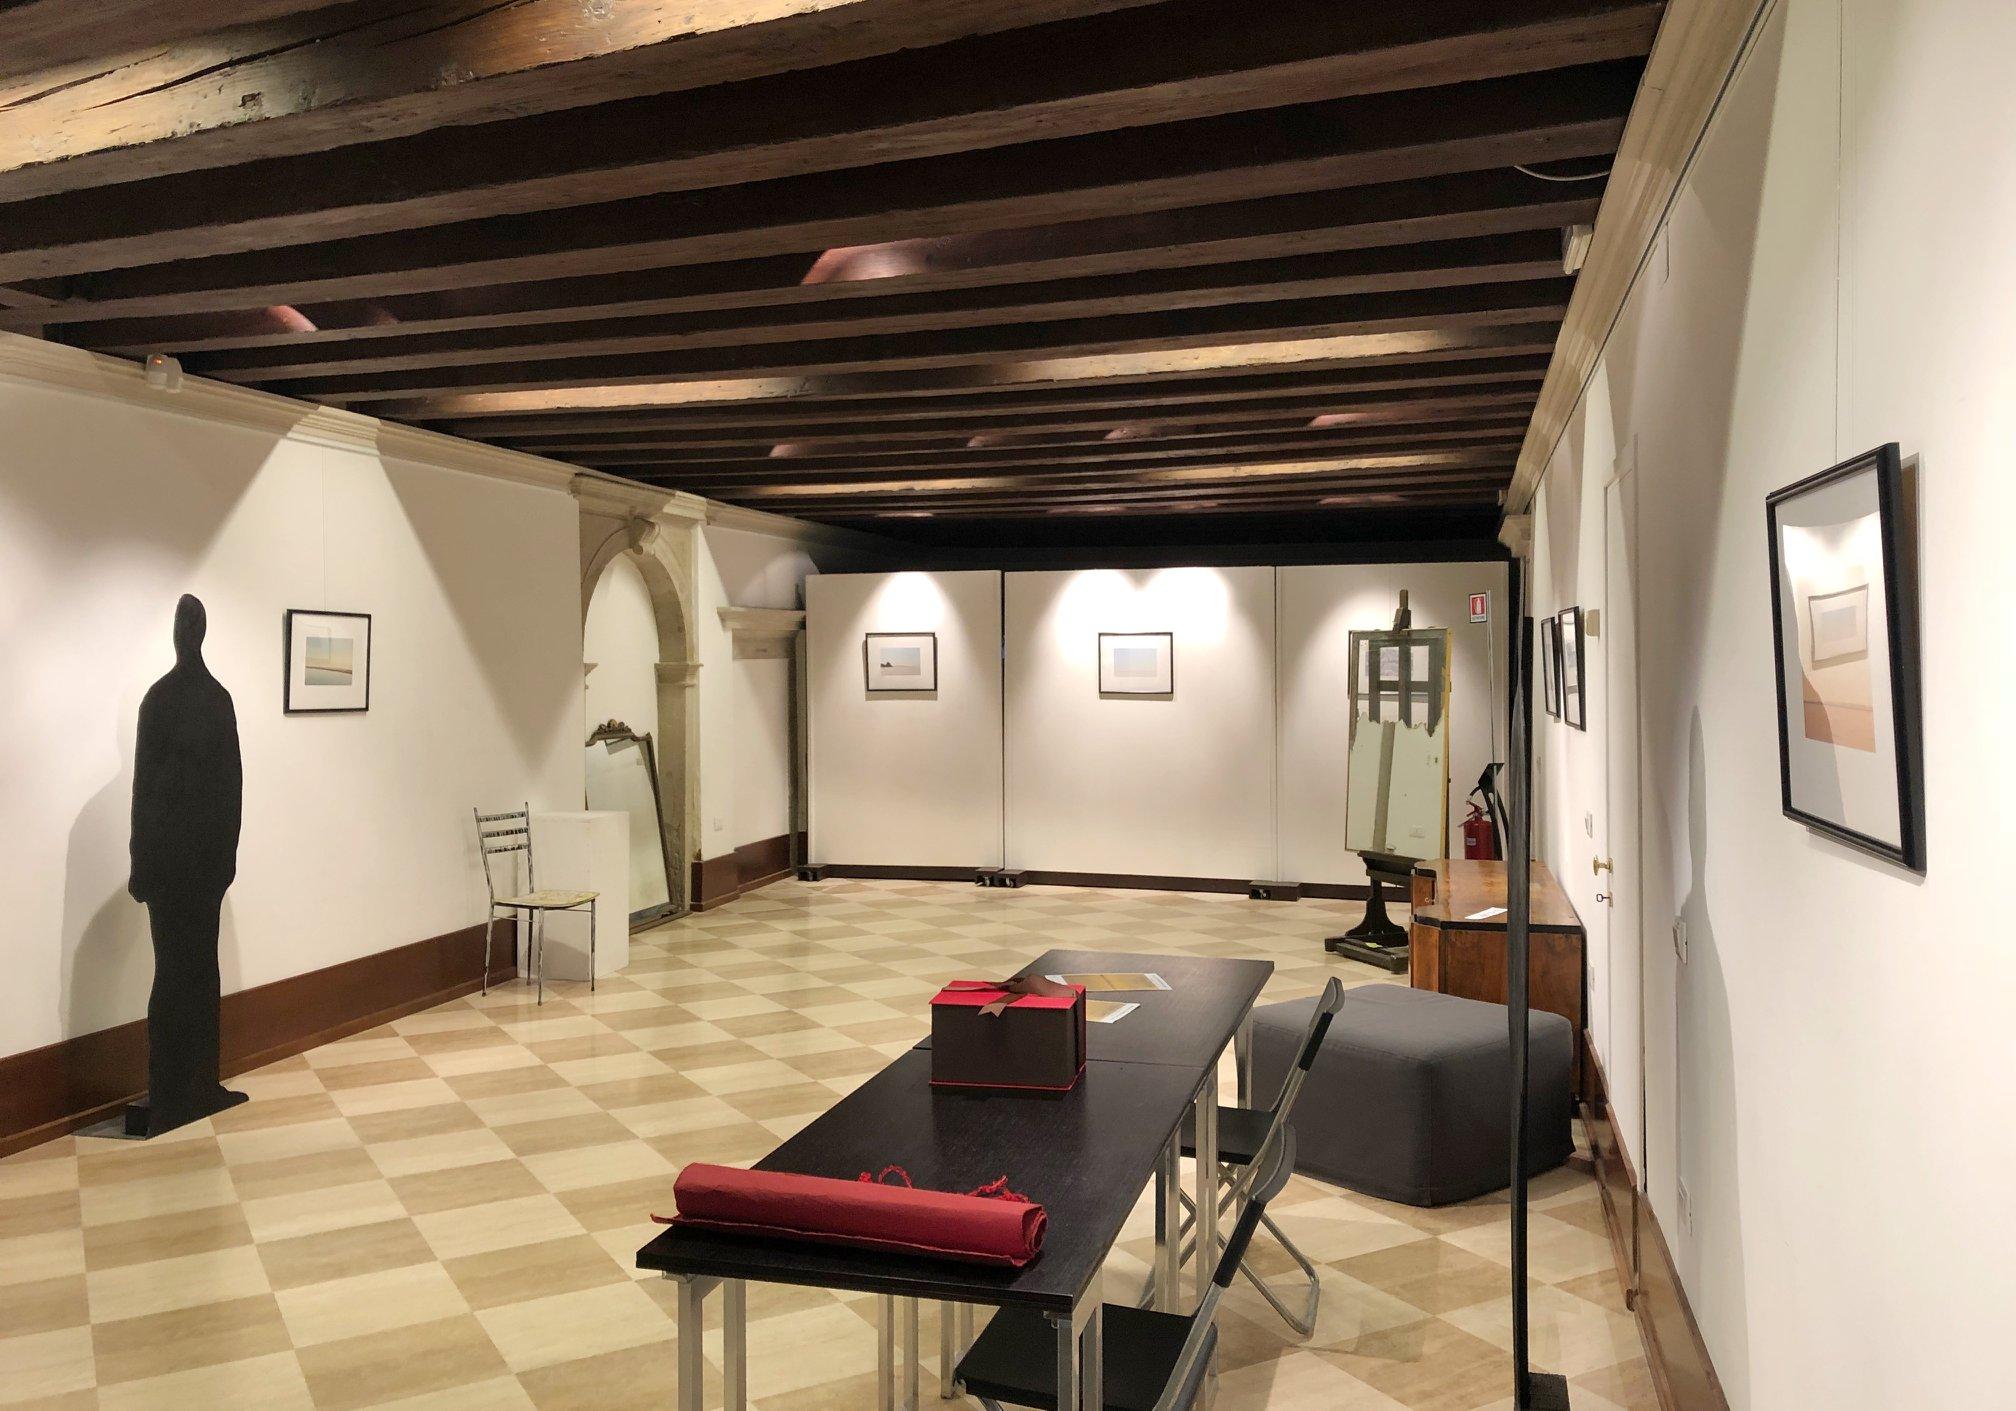 Выставка фотографа Татьяна Лазарева в галерее Giudecca 795 Art Gallery — Venezia.